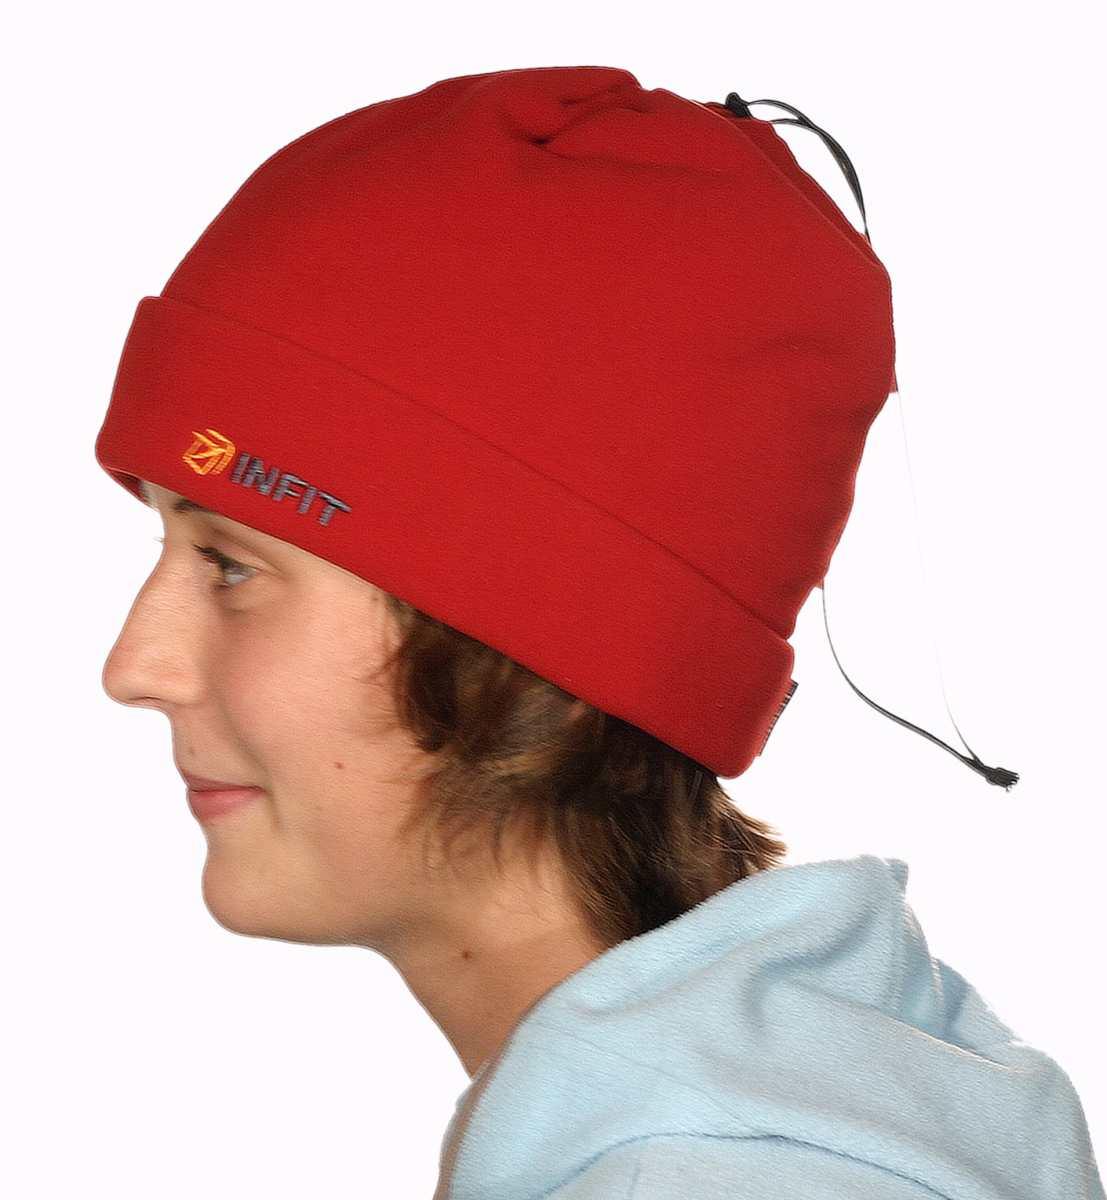 Šáločepice čepice - maska na obličej - nákrčník barva červená 45673bfde4